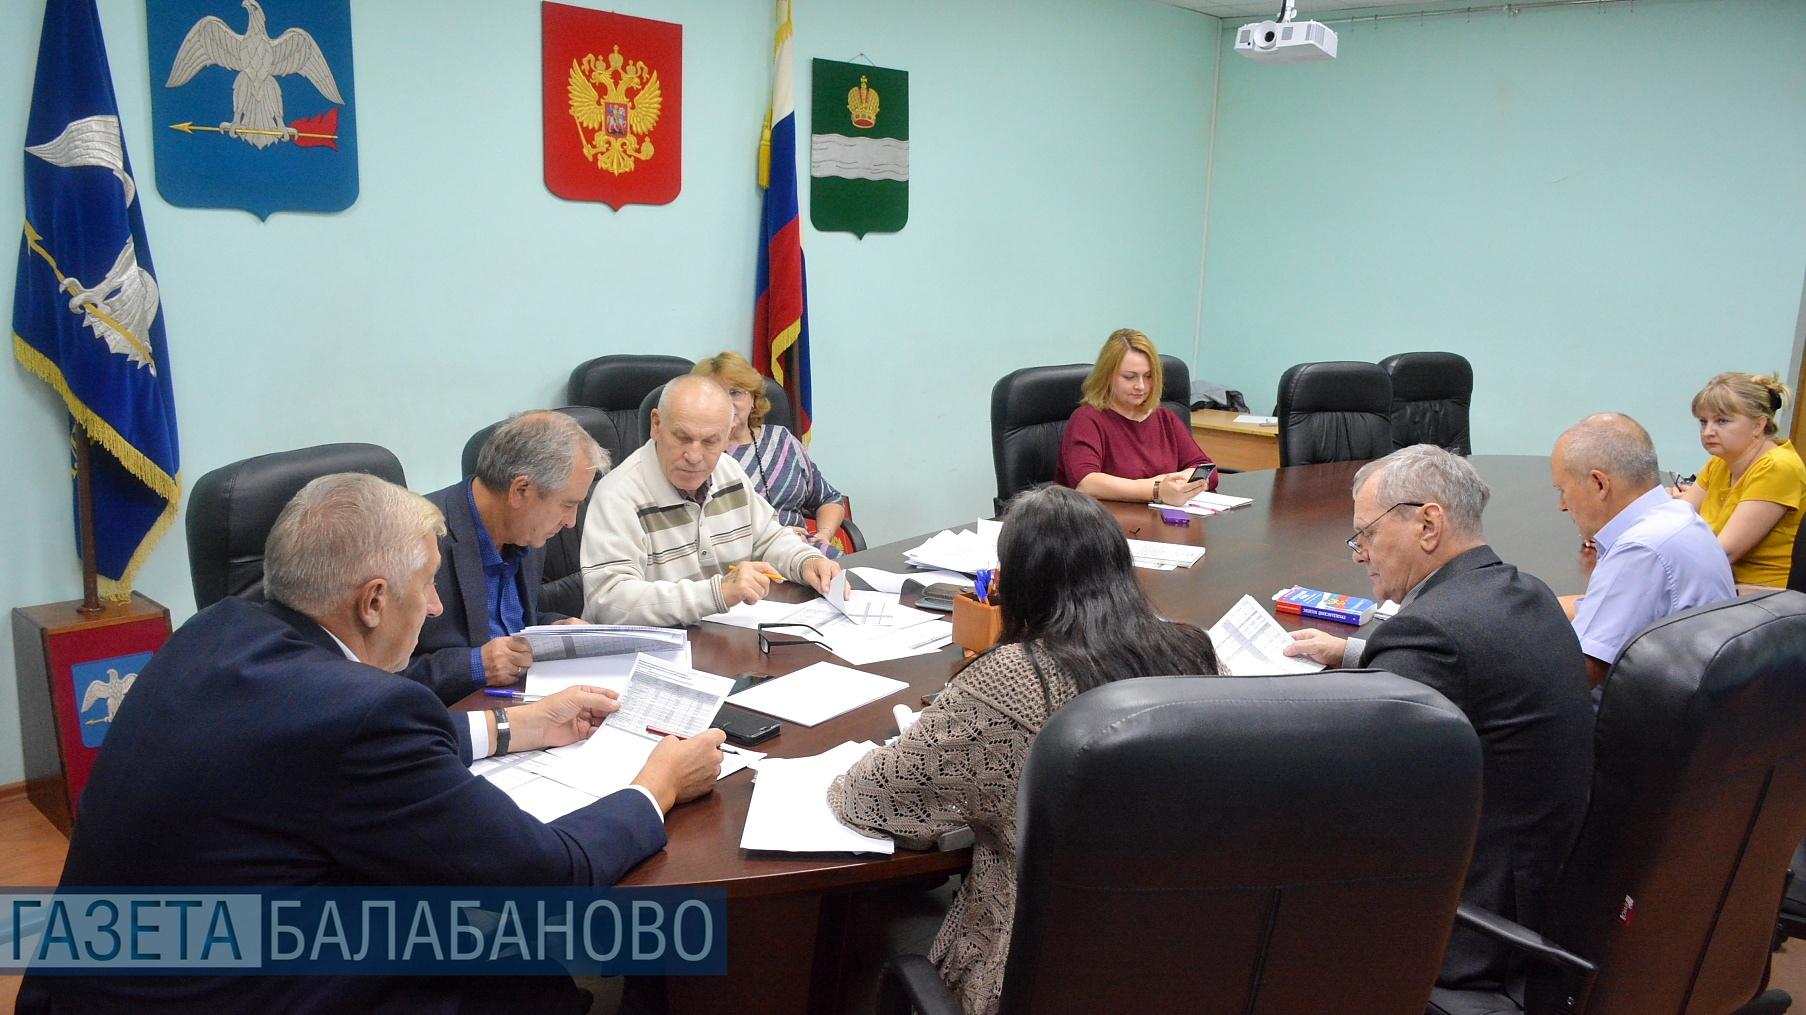 Депутаты Городской Думы г.Балабаново приступили к работе над проектом бюджета